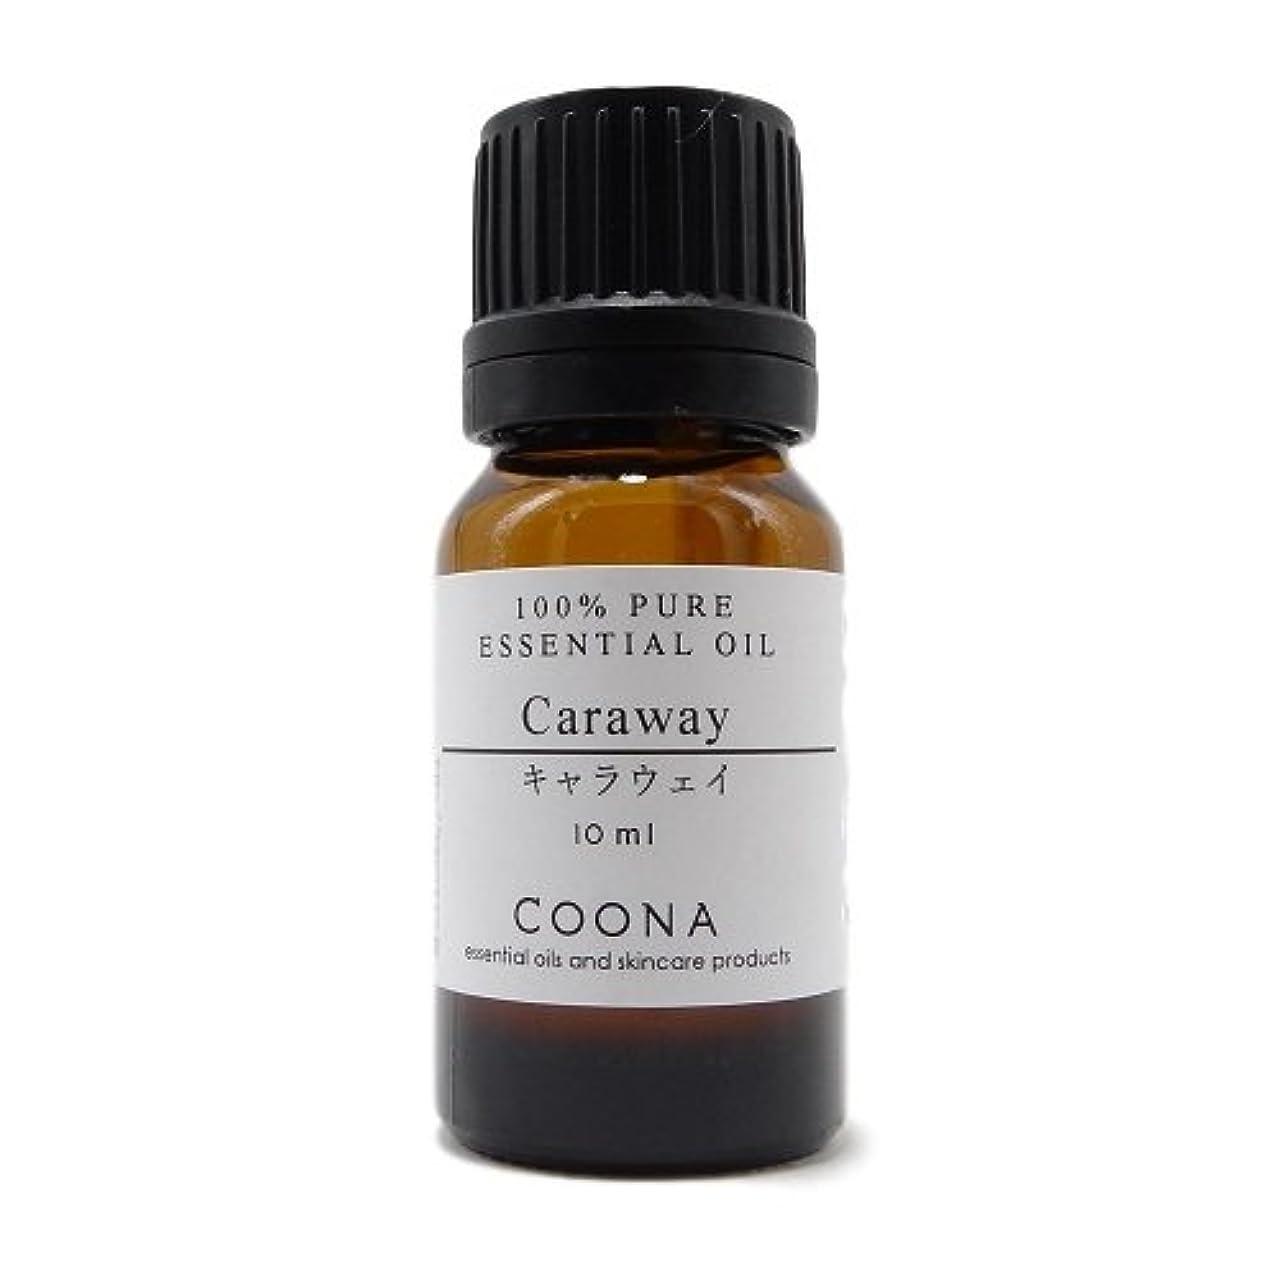 照らすむき出し耐久キャラウェイ 10 ml (COONA エッセンシャルオイル アロマオイル 100%天然植物精油)